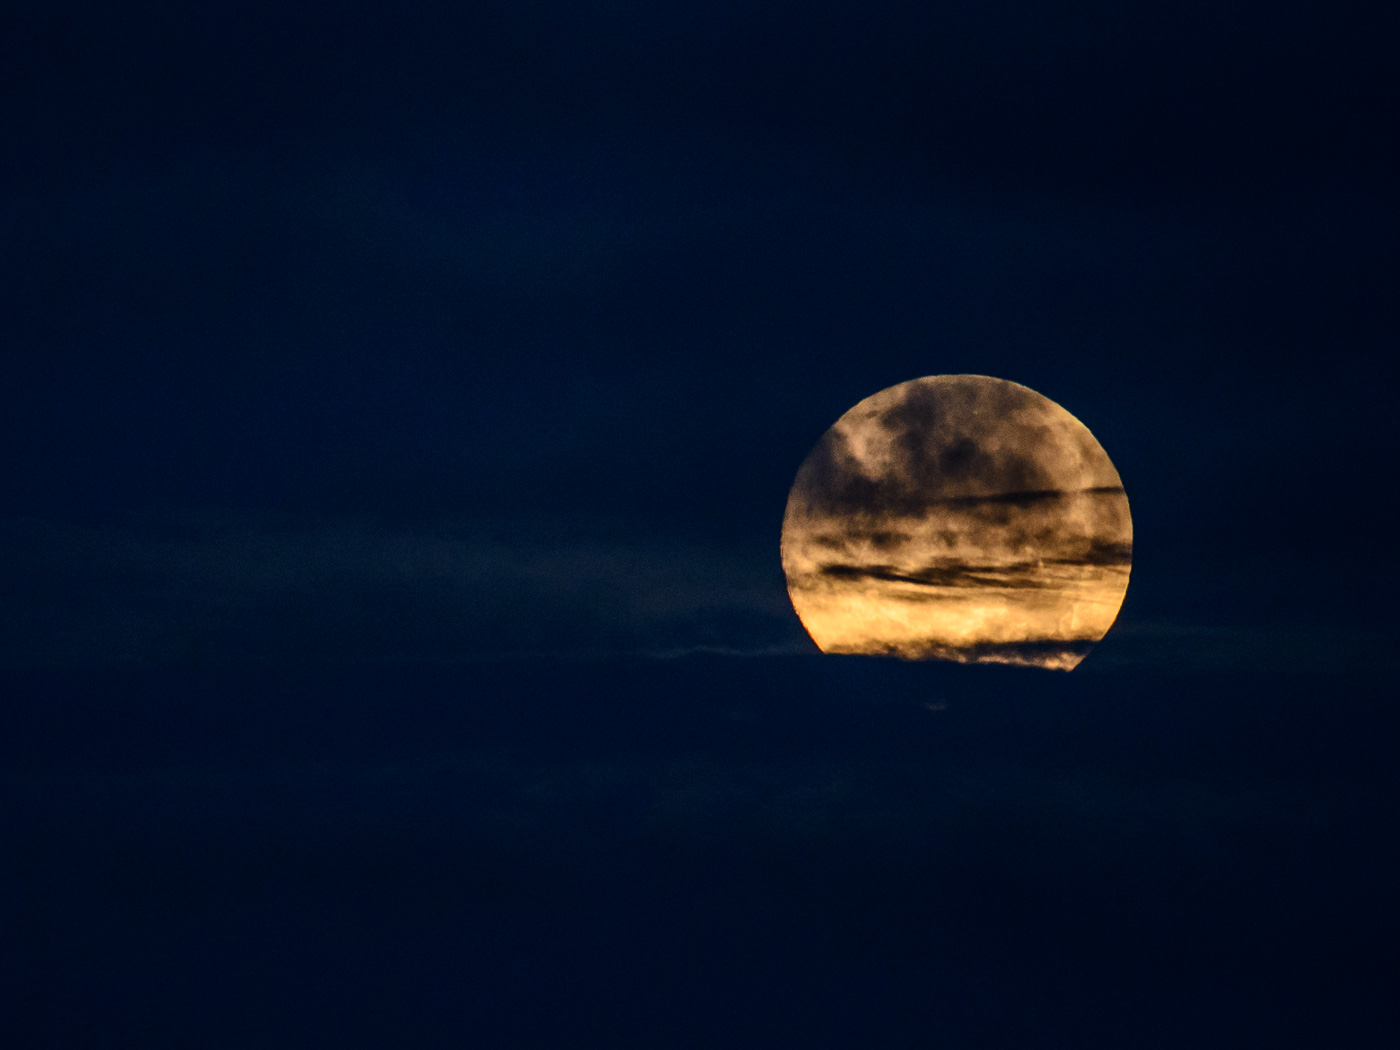 La Luna a la luz del Sol - Luces en la noche - Luces en la Noche. Roberto Bueno. Fotografía de Naturaleza y viajes